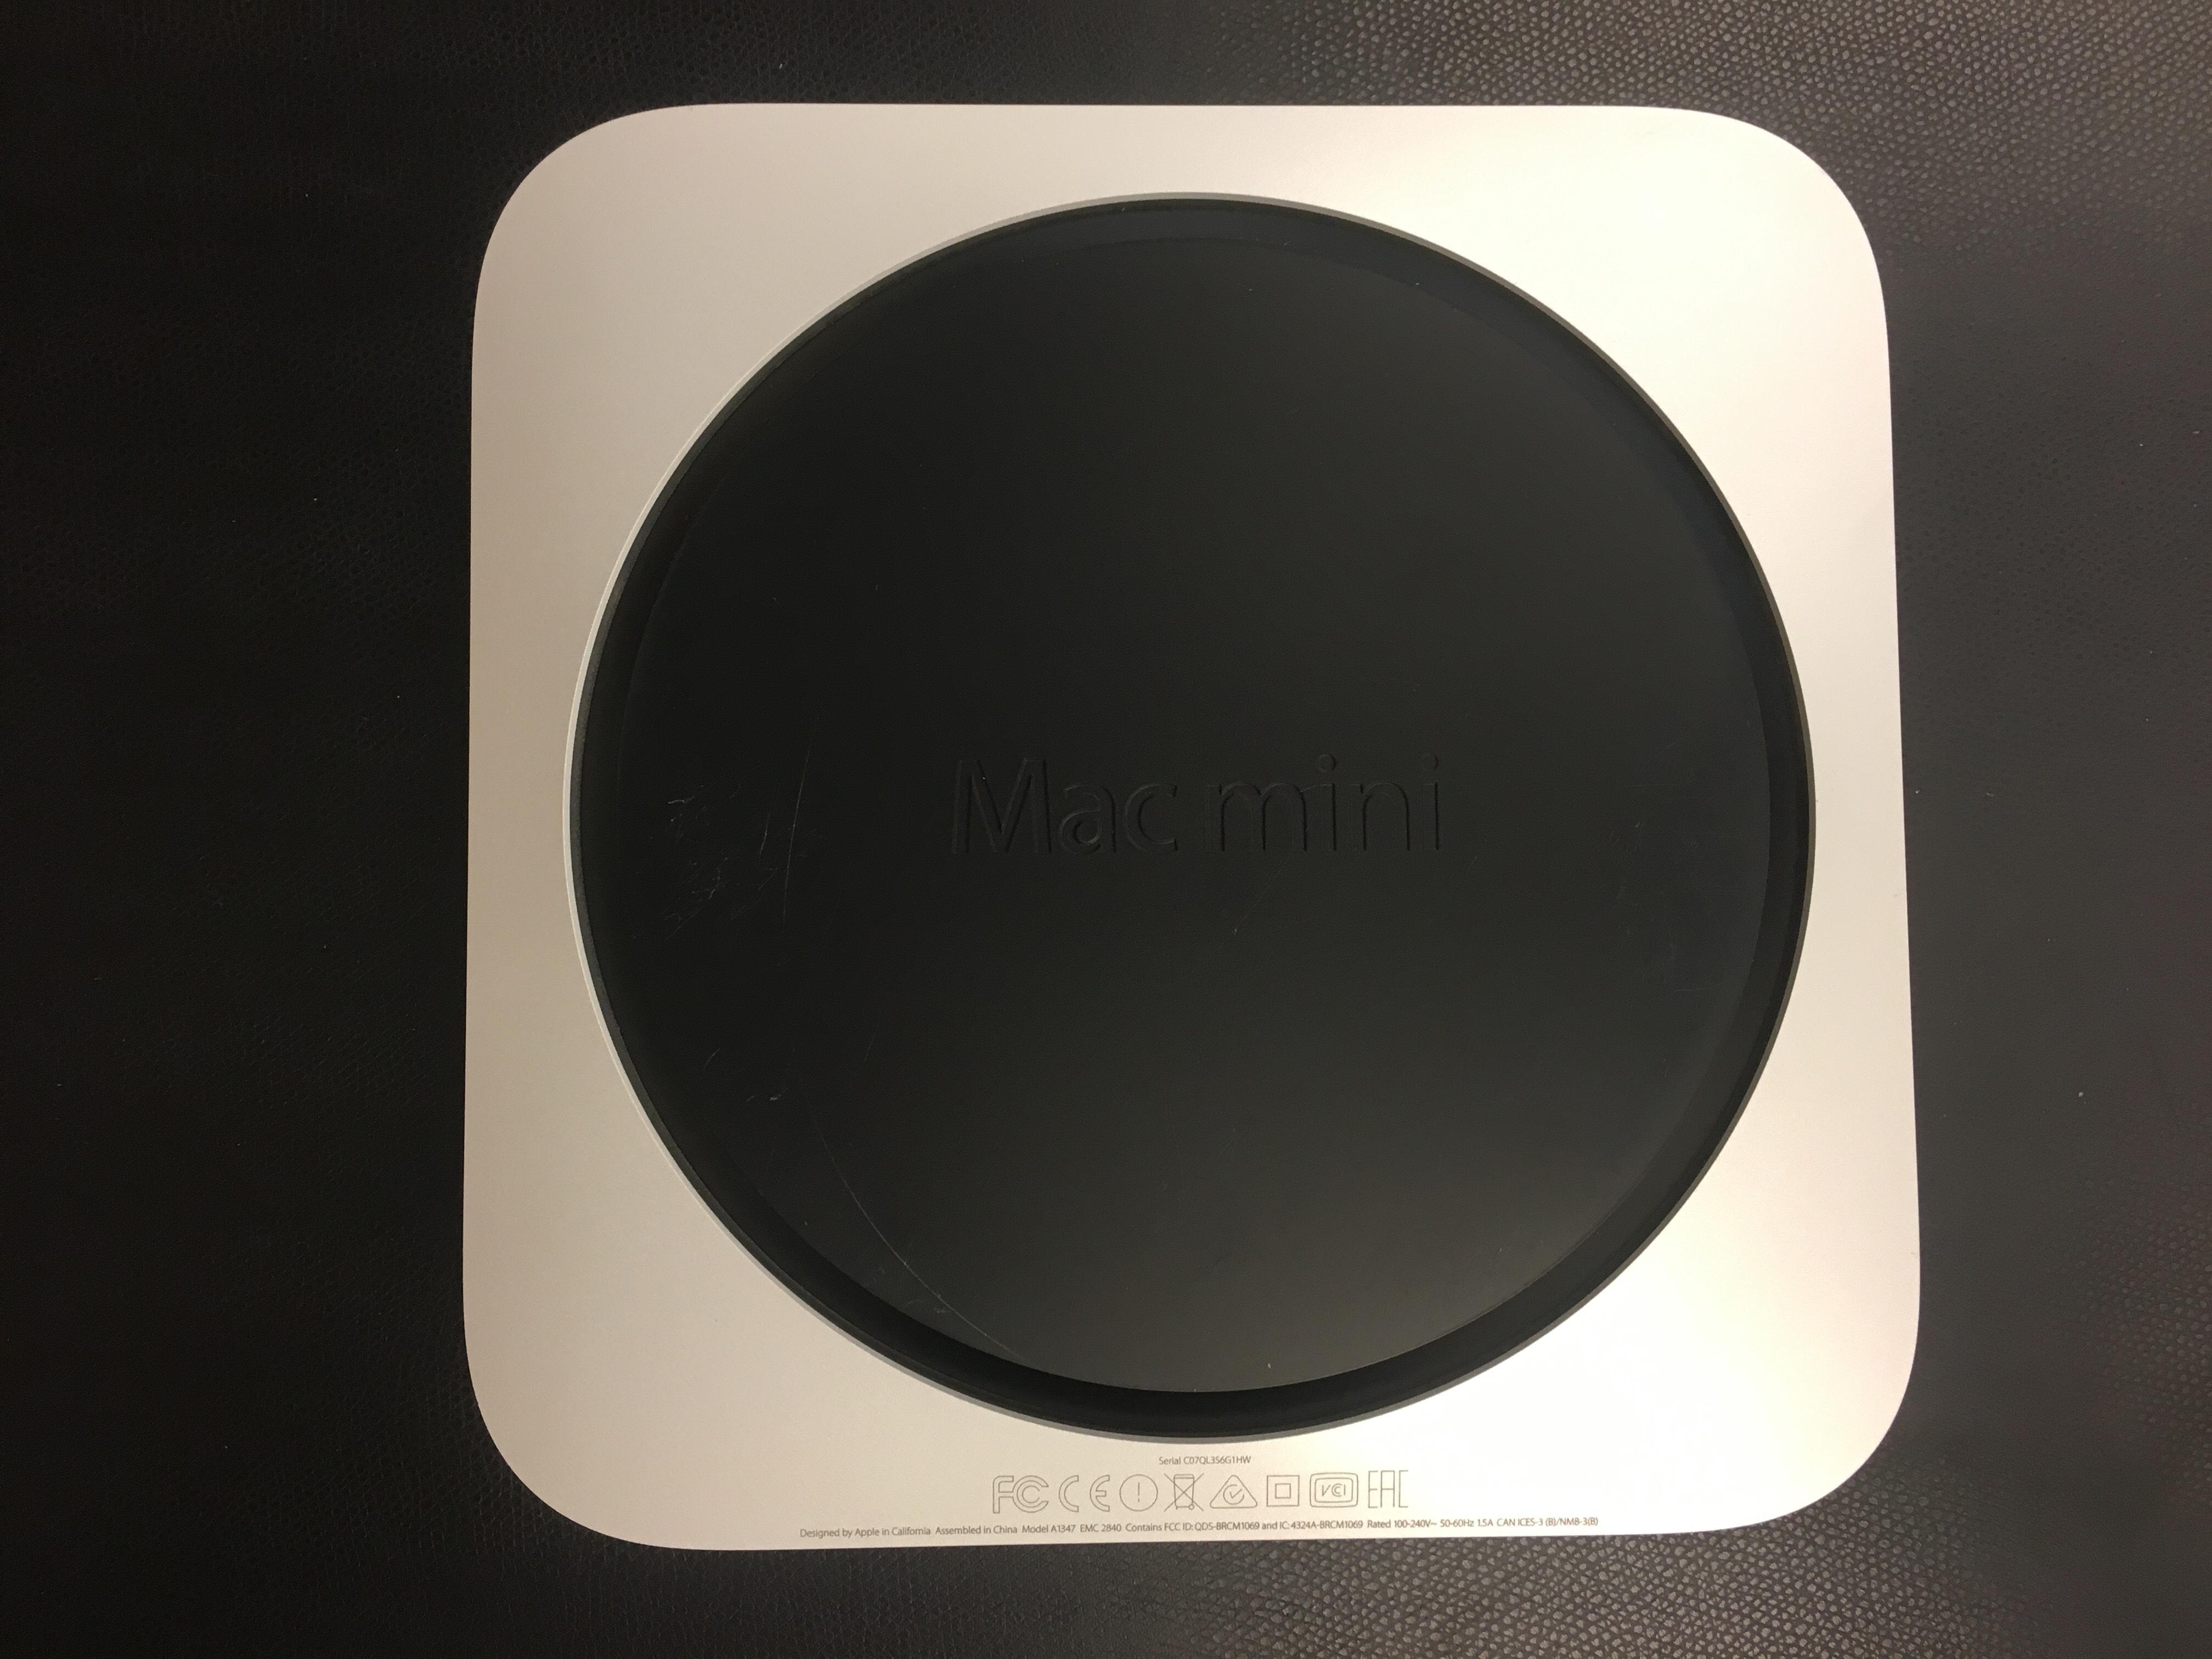 Mac Mini Late 2014 (Intel Core i5 2.6 GHz 8 GB RAM 1 TB HDD), Intel Core i5 2.6 GHz (Haswell), 8 GB PC3-12800 (1600 MHz) LPDDR3, 1 TB, bild 4